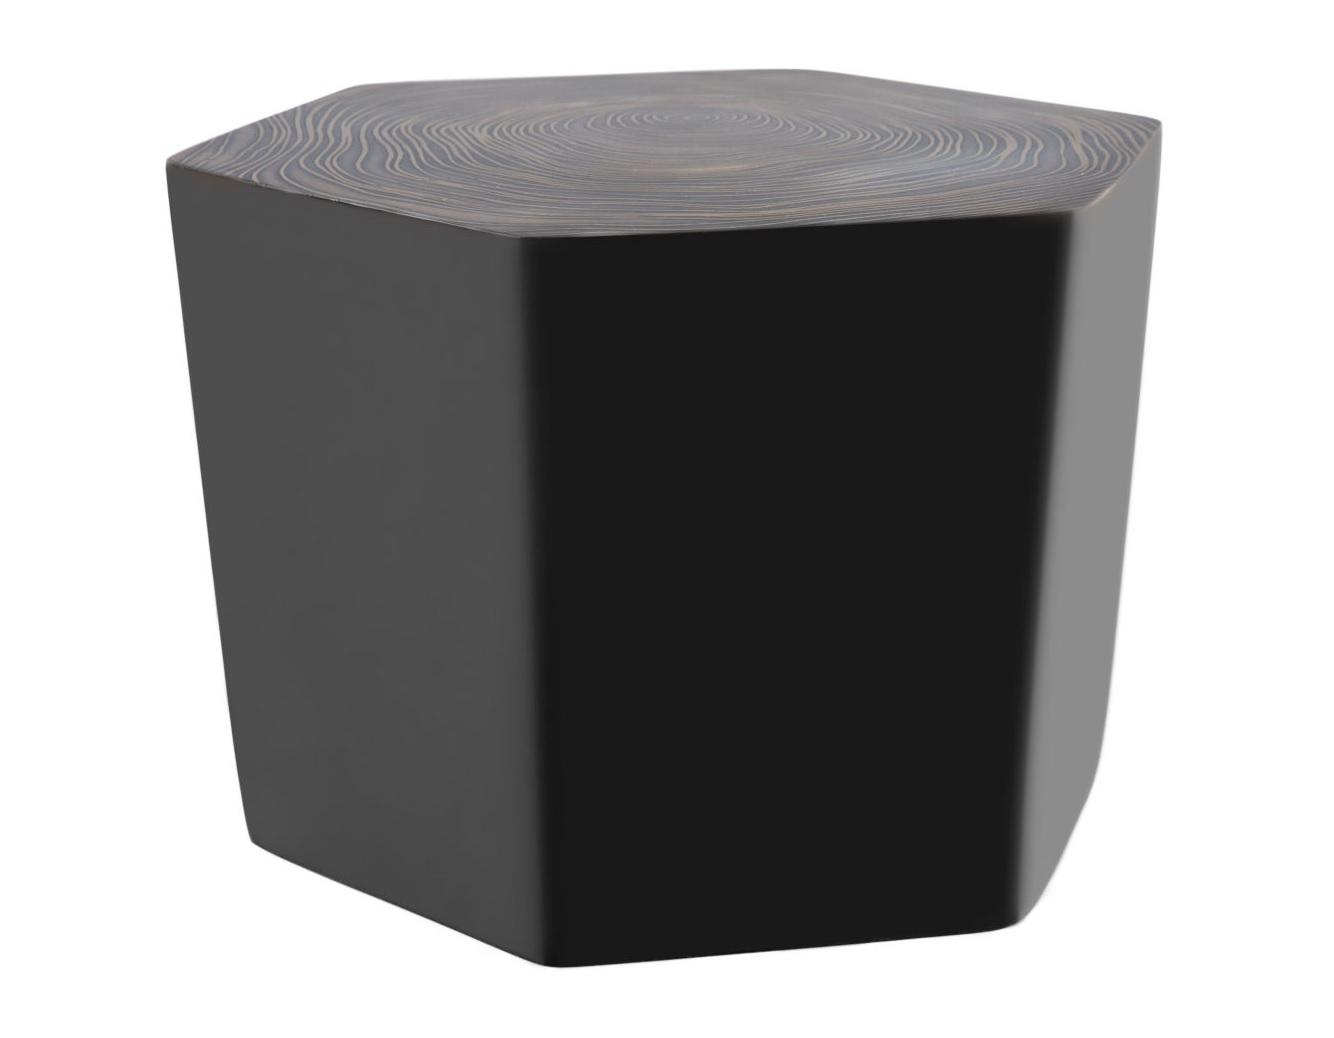 Стол журнальный ThomasЖурнальные столики<br><br><br>Material: Пластик<br>Ширина см: 49<br>Высота см: 38<br>Глубина см: 55